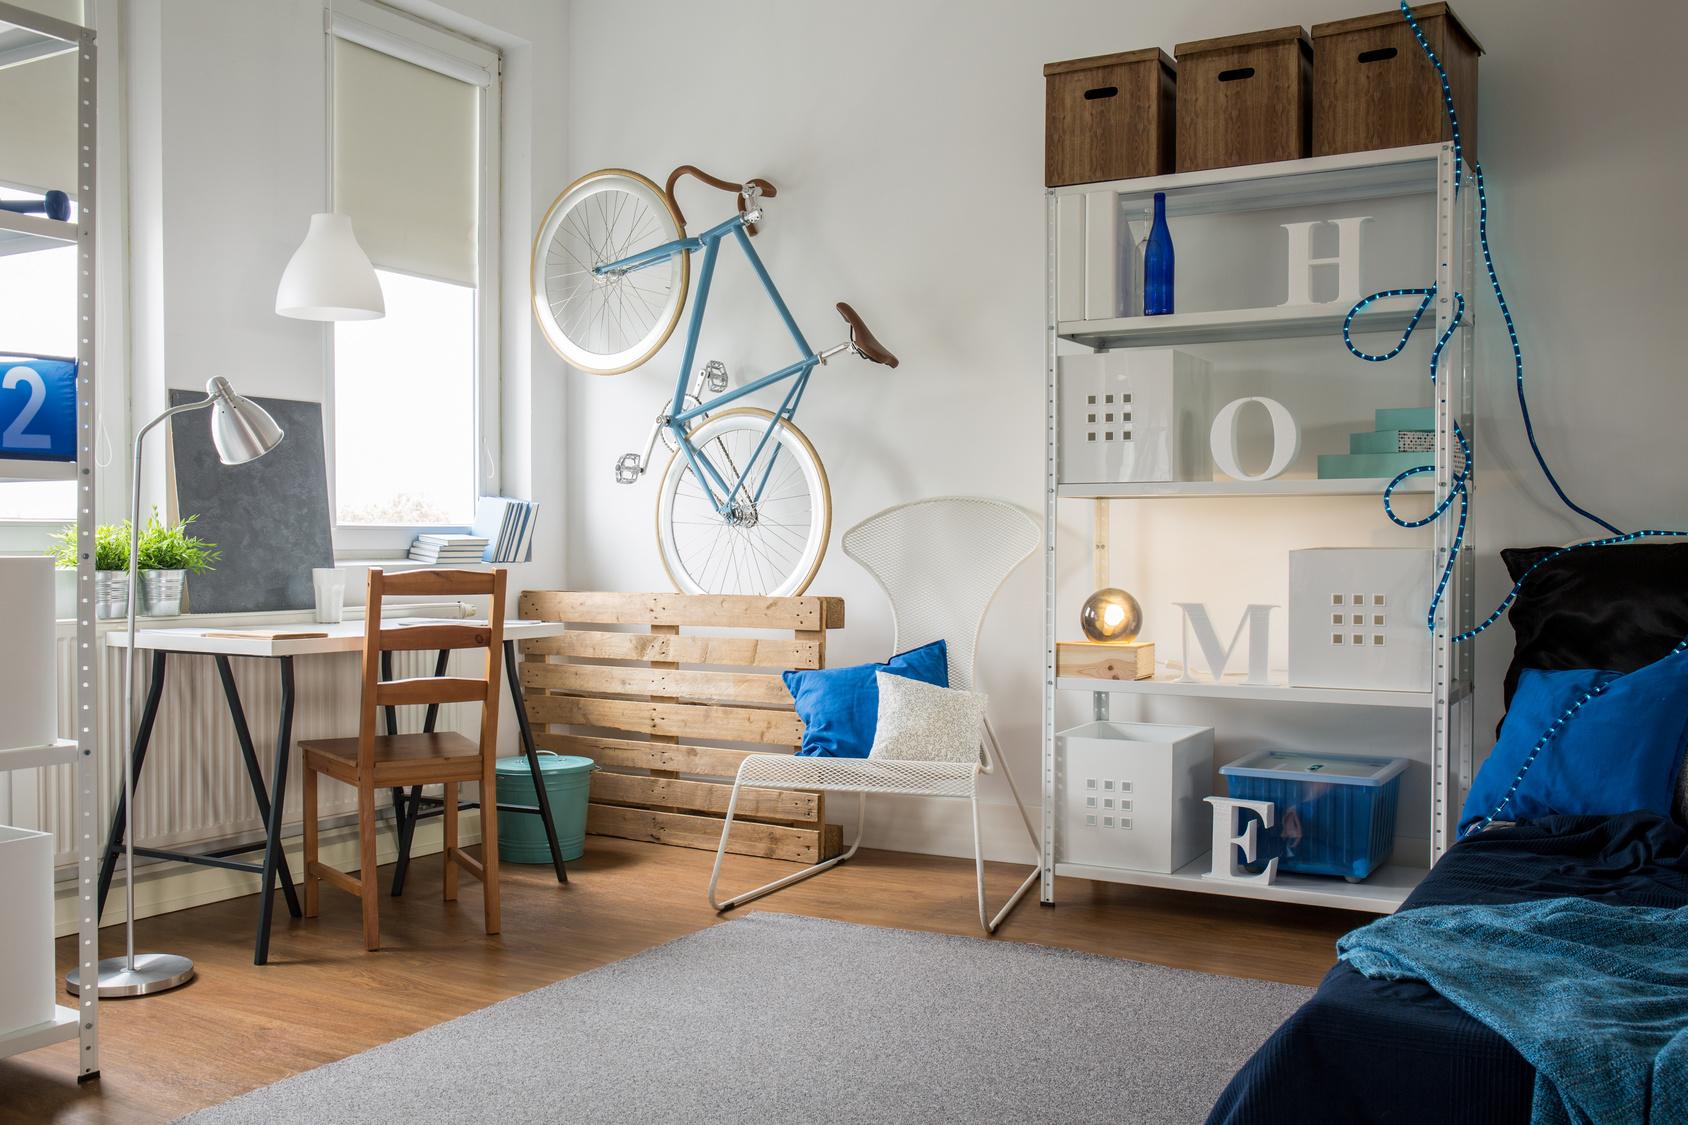 Liste meubles location meublée